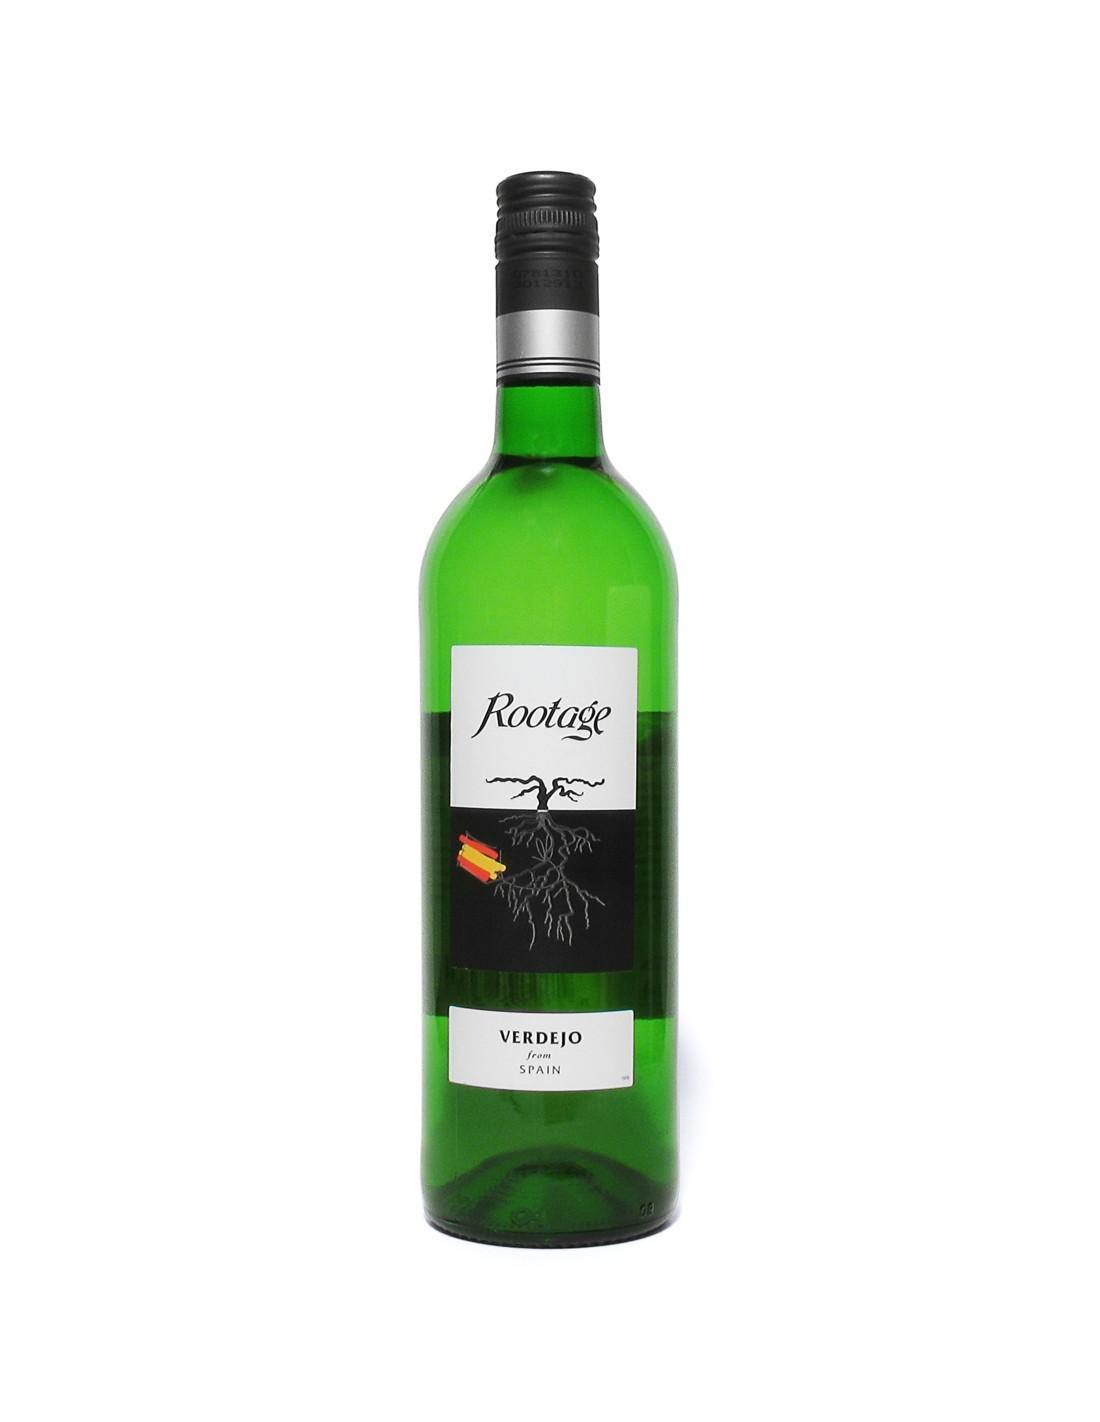 Vin alb, Verdejo, Rootage Castilla, 0.75L, Spania